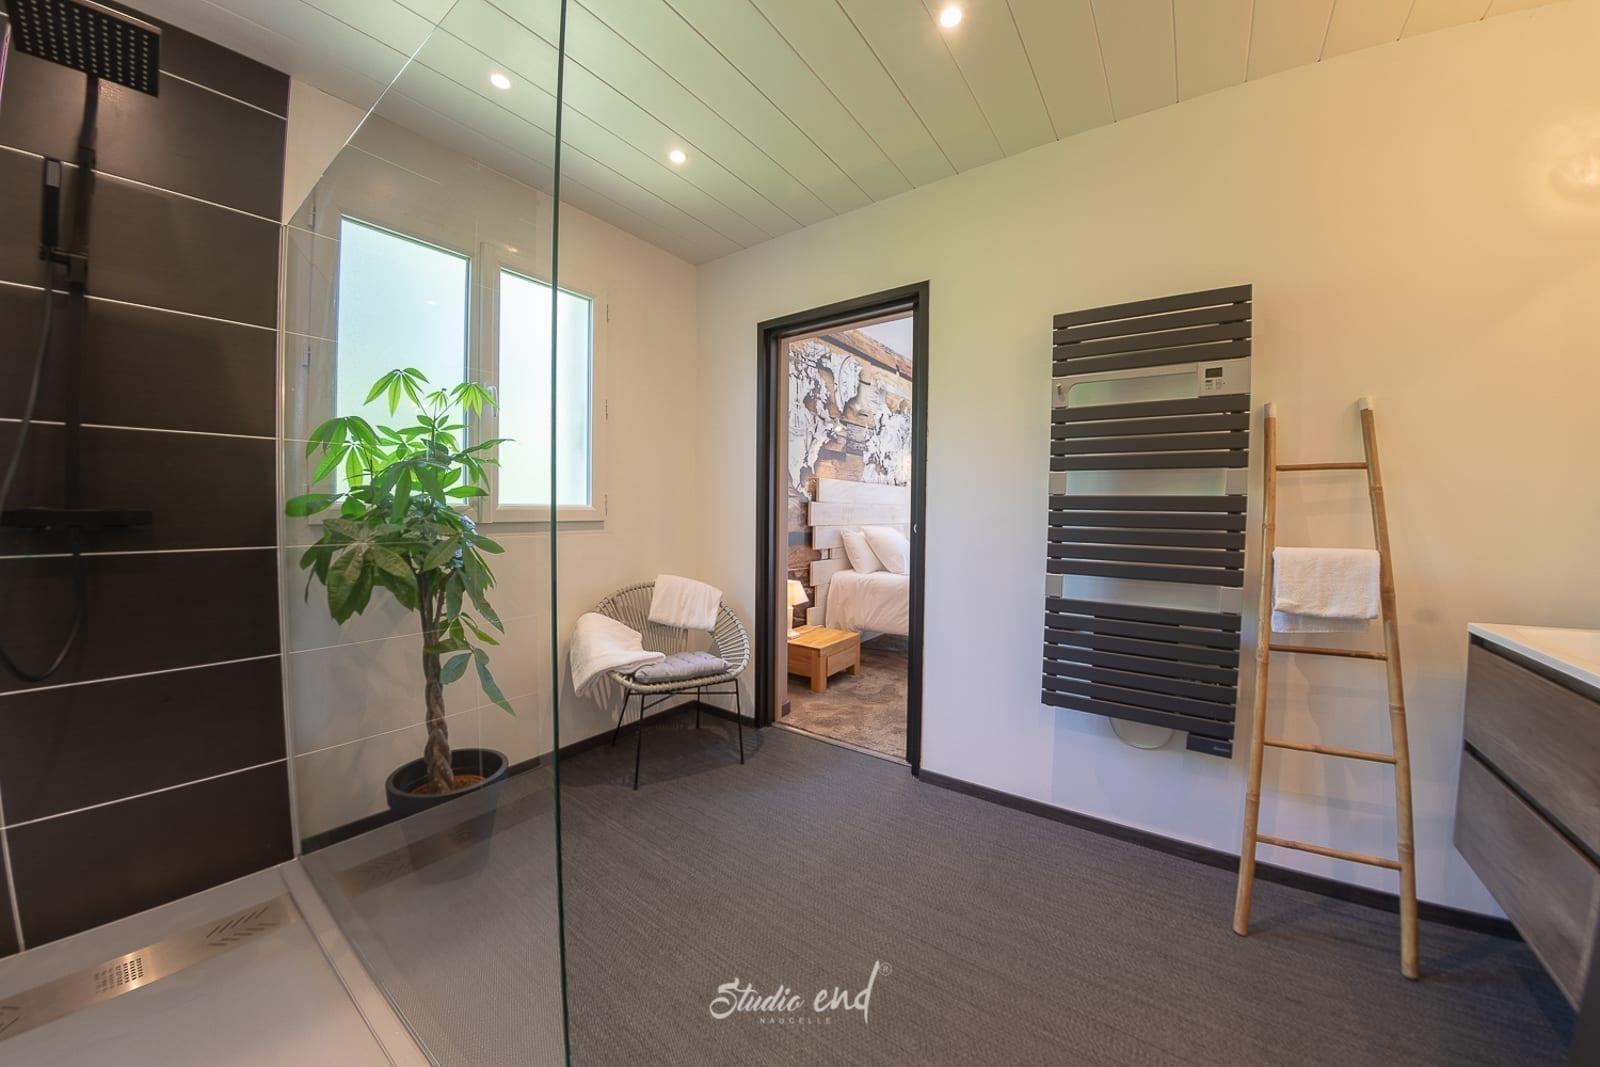 Chambre d'hôte, gites, hôtel, photo de pro de Rodez